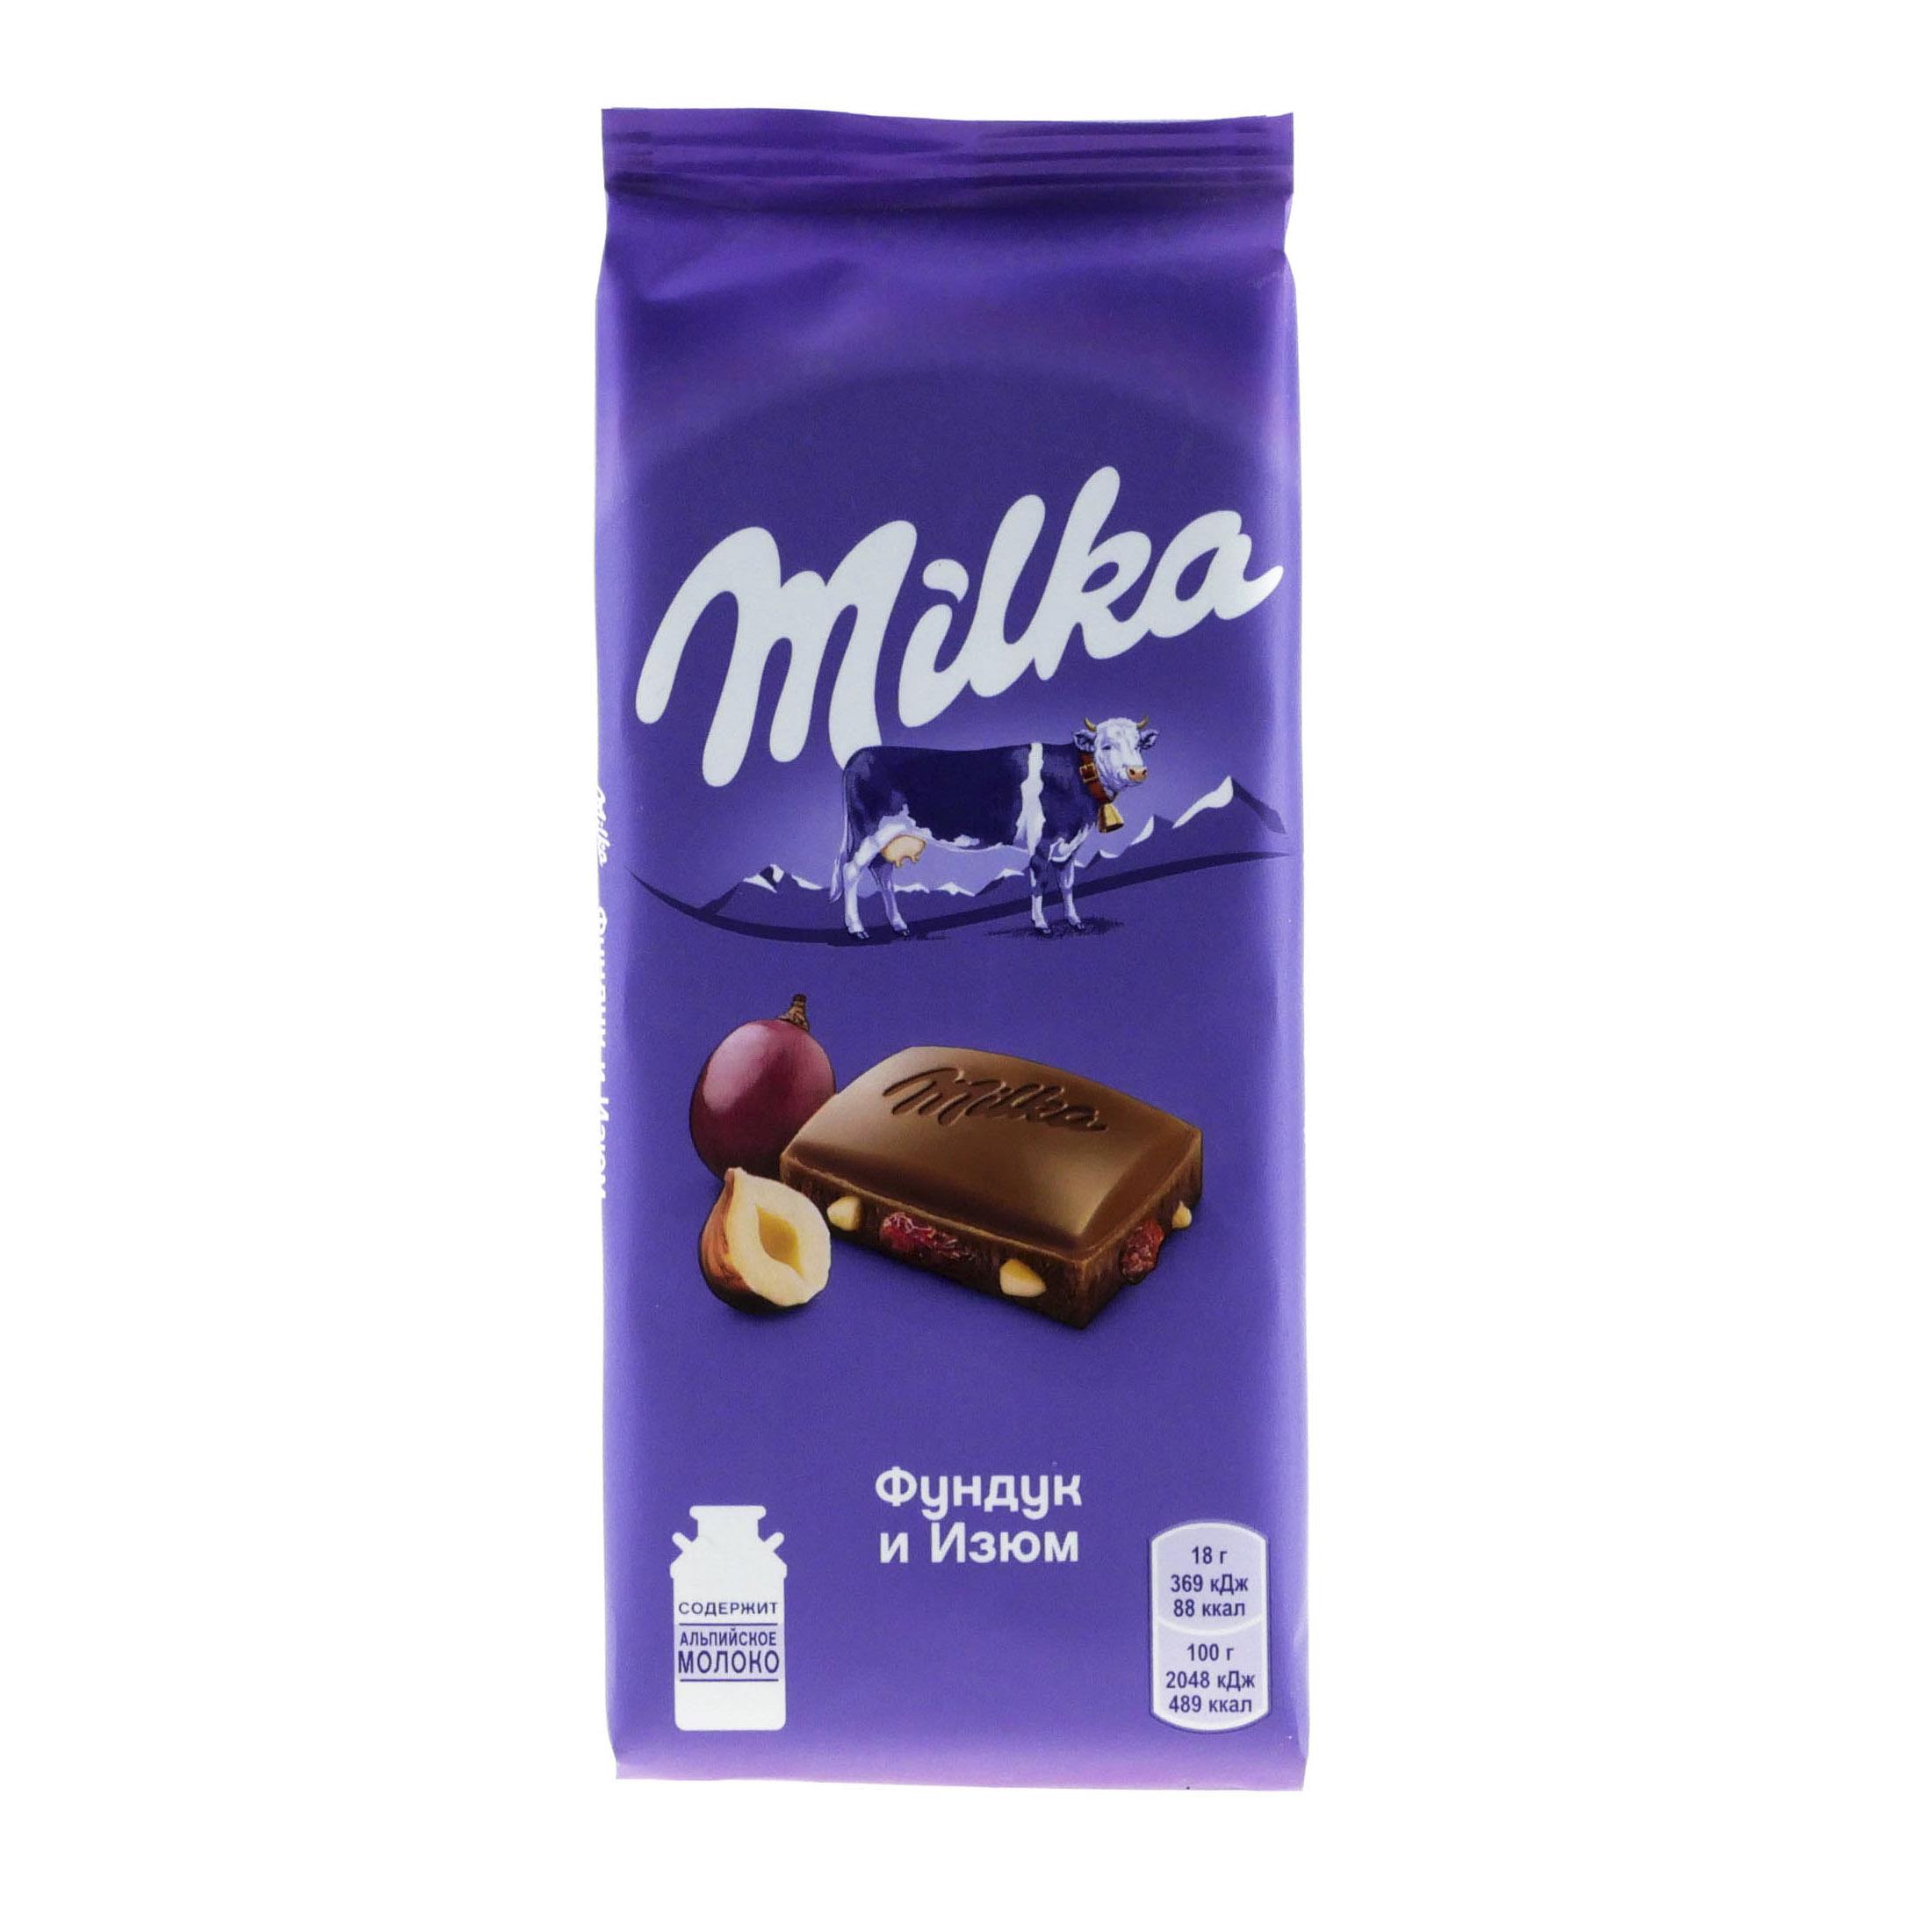 Шоколад Milka молочный с фундуком и изюмом 90 г шоколад heidel молочный планшет 90 г